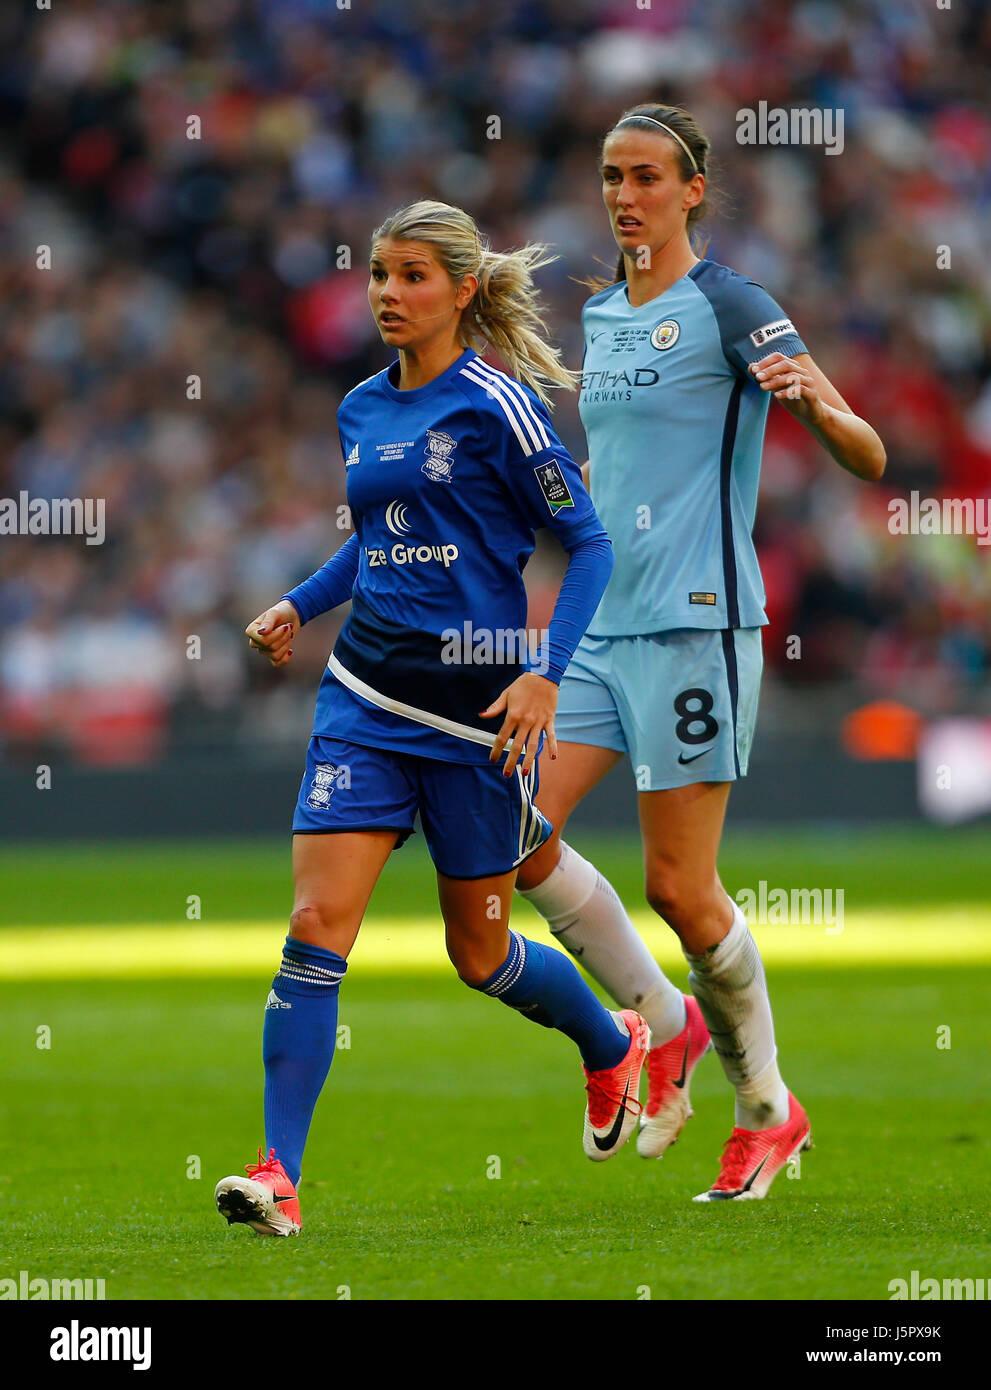 Norwegian midfielder Andrine Hegerberg of Birmingham City midfielder during the SSE Women's FA Cup Final match between Stock Photo